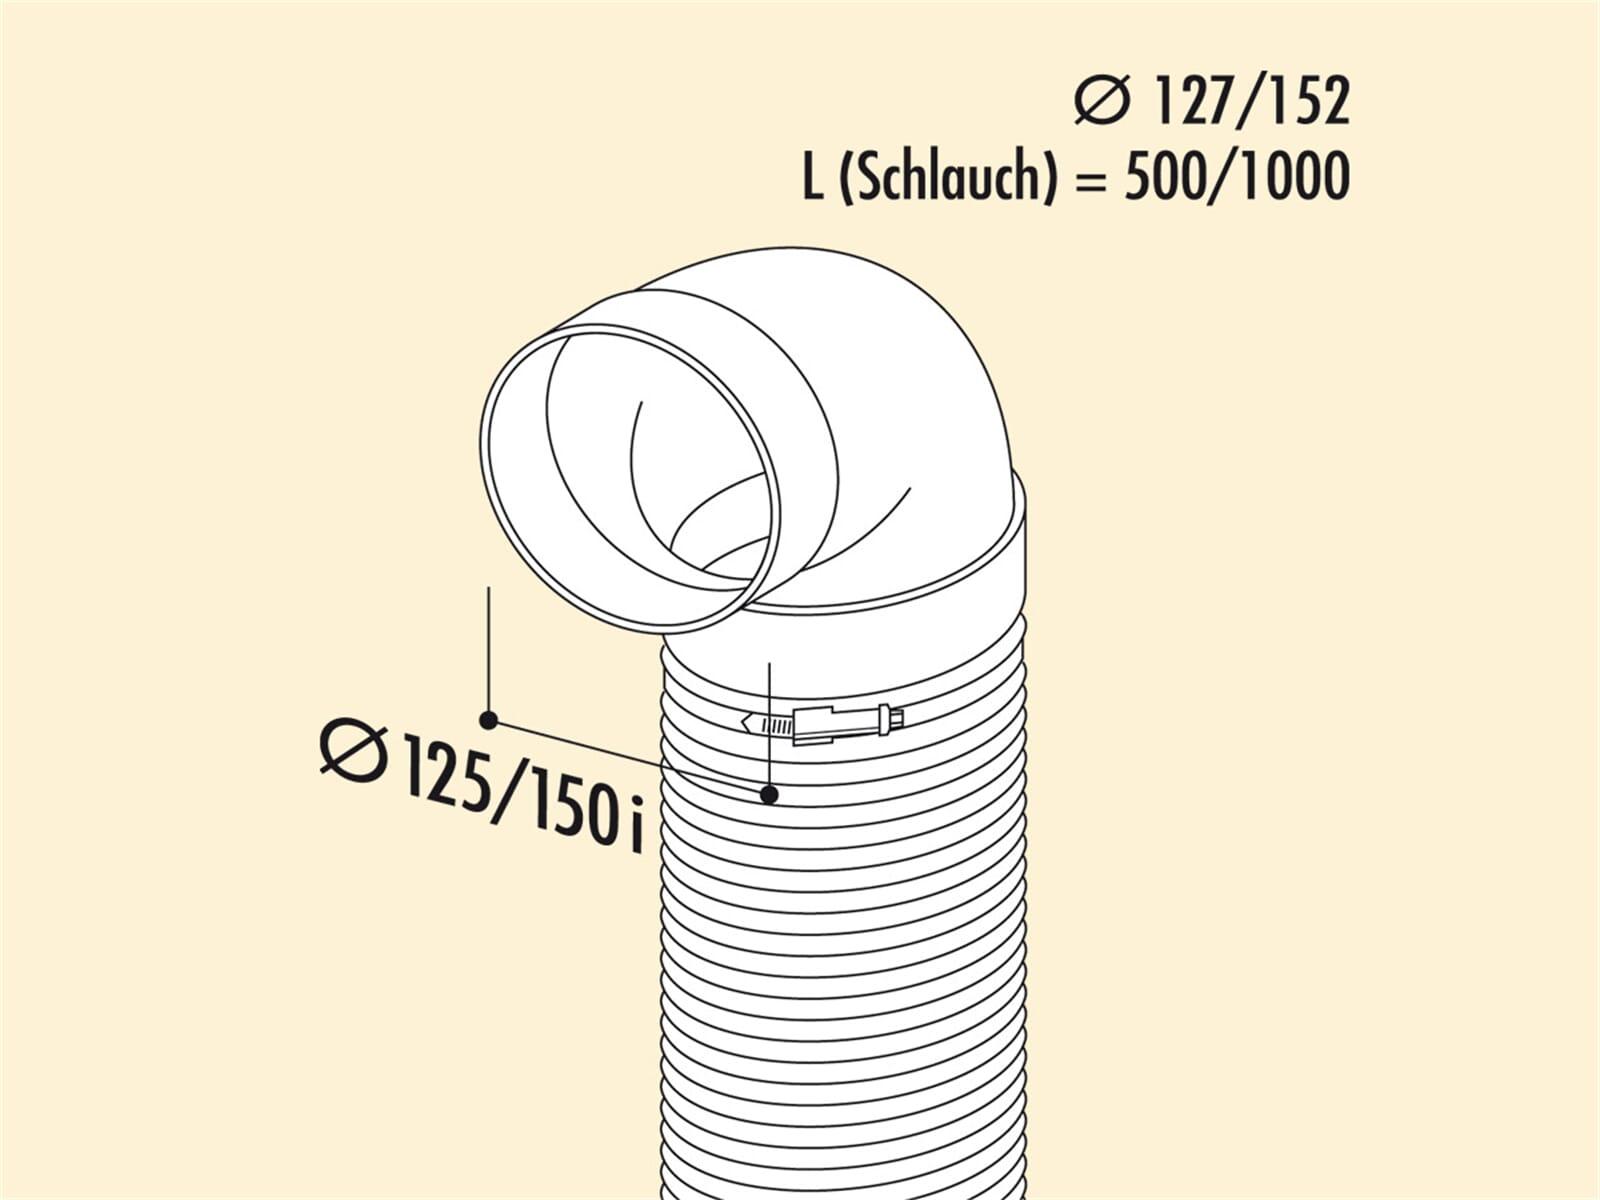 Compair 405.2.019 R-URX Flow Umlenkstück 90° mit Flexschlauch